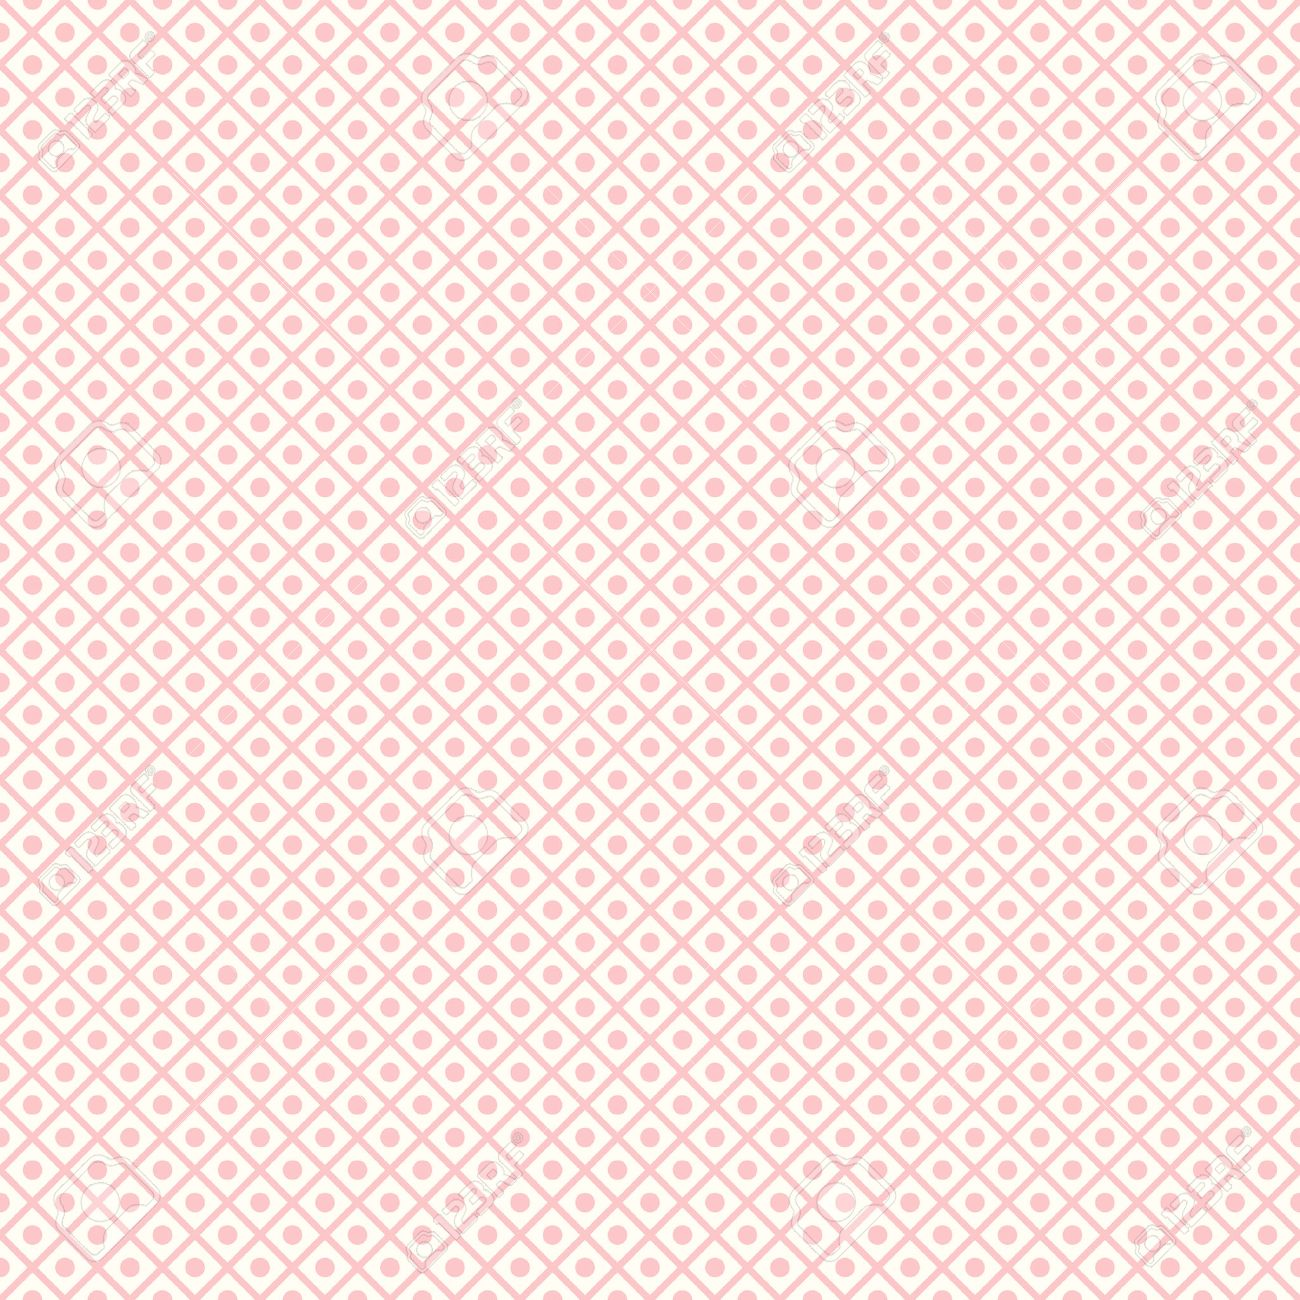 Pastel Retro Vecteur Seamless Carrelage Sans Fin La Texture Peut